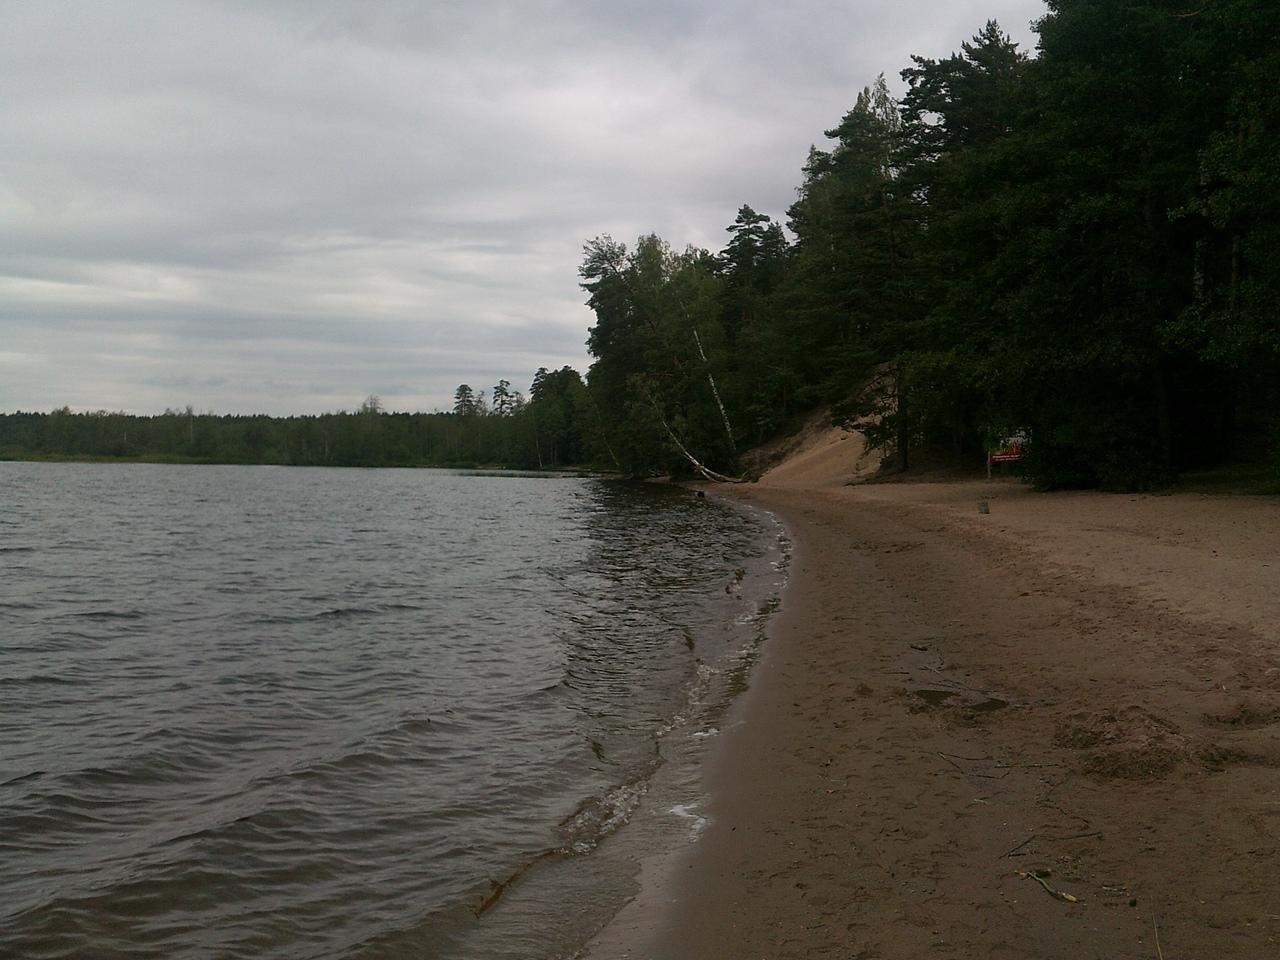 По Карельскому перешейку. Большое Симагинское озеро. Тропа Здоровья. Озеро Две Сестры.